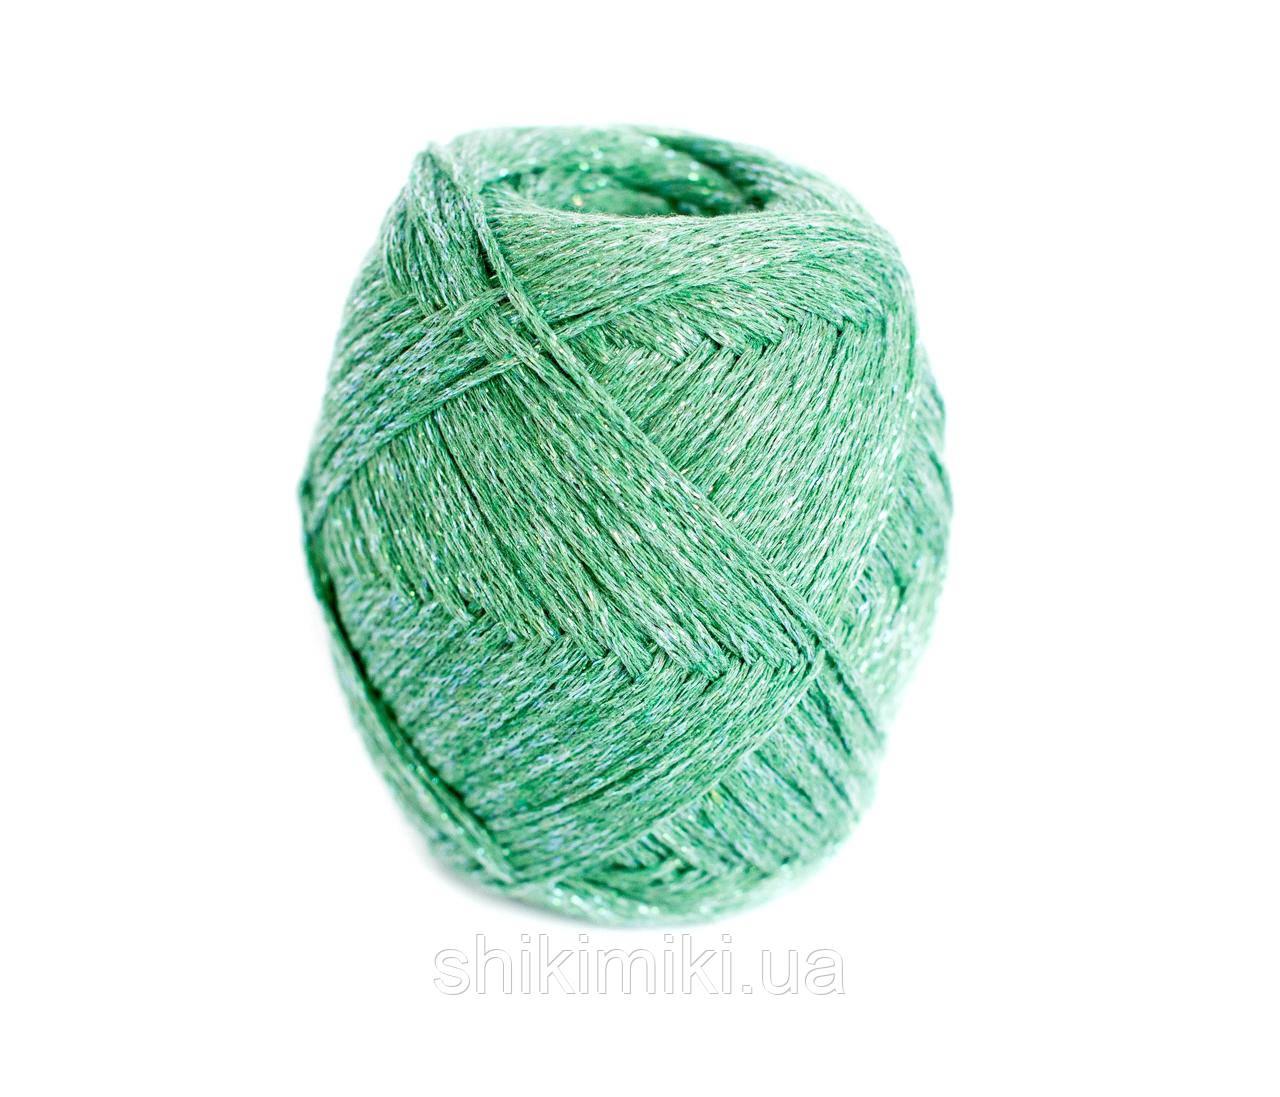 Трикотажный шнур с люрексом Knit & Shine, цвет Трава